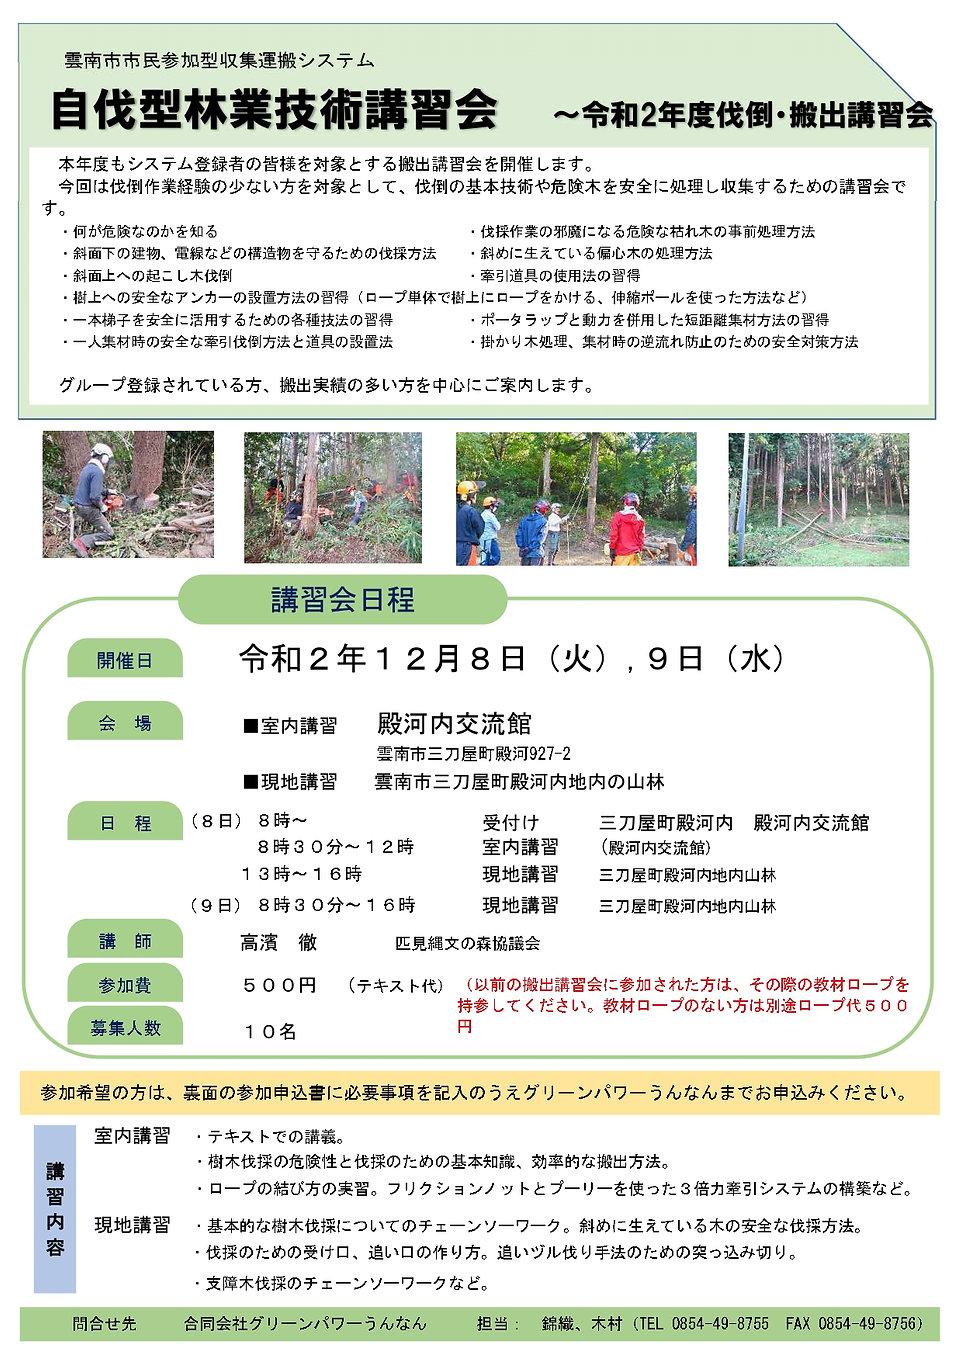 20201208搬出講習会チラシ_page-0001.jpg